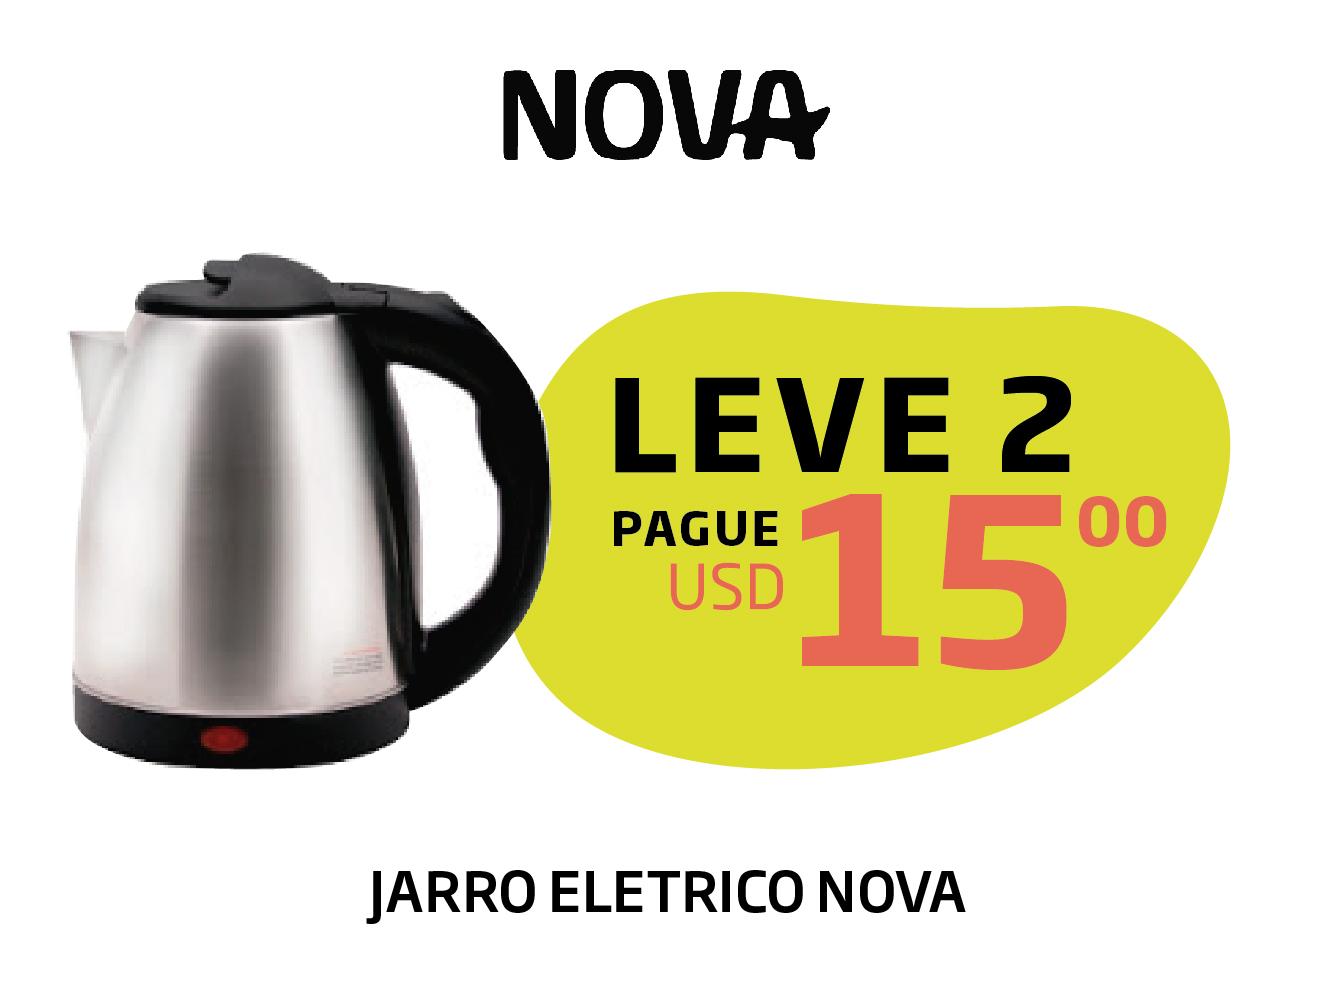 LEVE 2 JARROS ELETRICOS NOVA USD 15